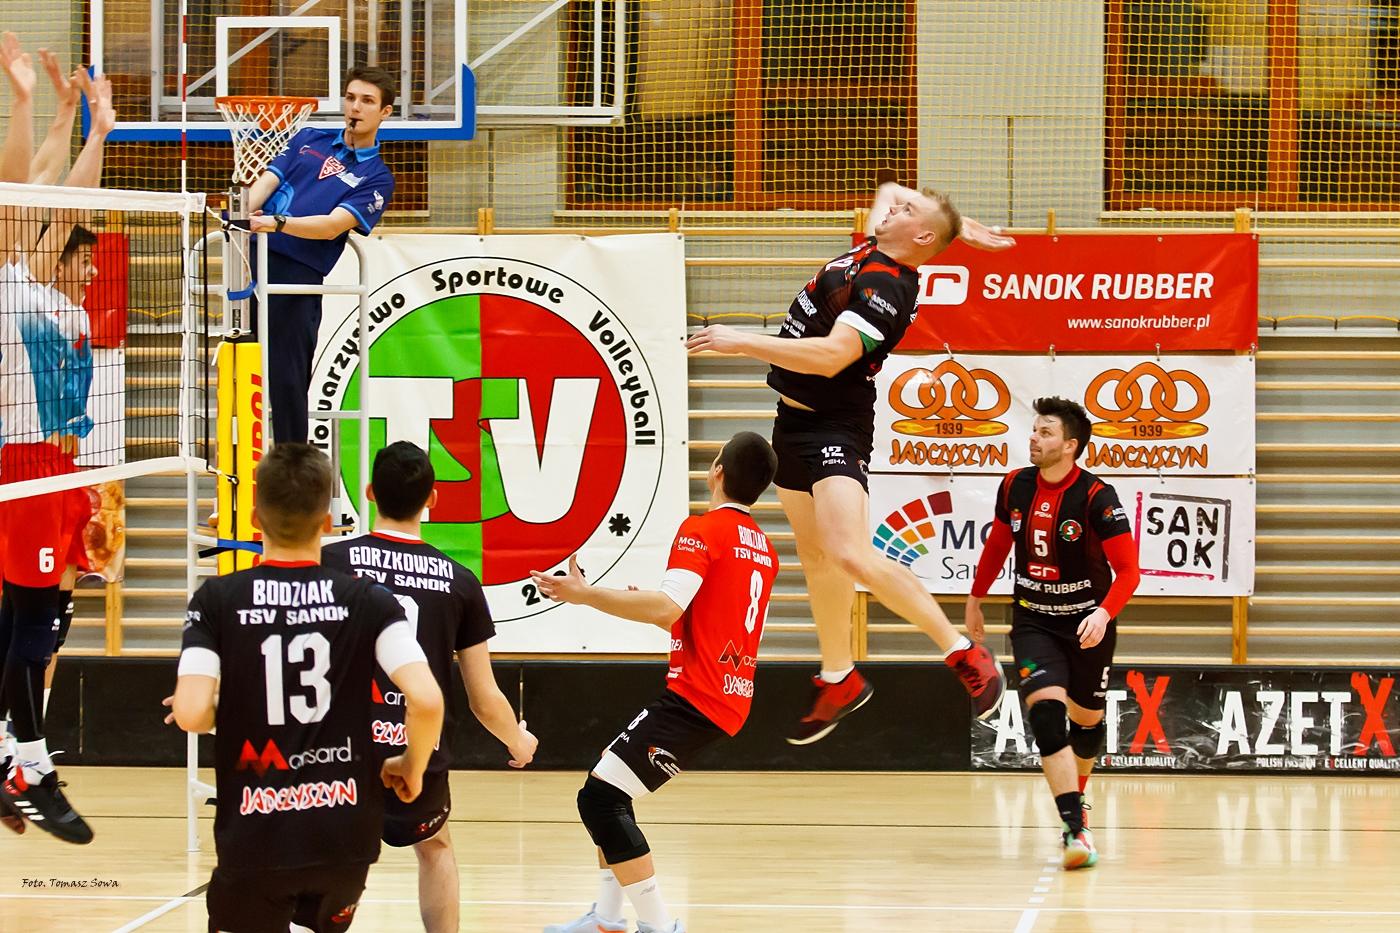 AZS UP TSV Sanok przegrywa z liderem z Dębicy [FOTORELACJA] - Zdjęcie główne